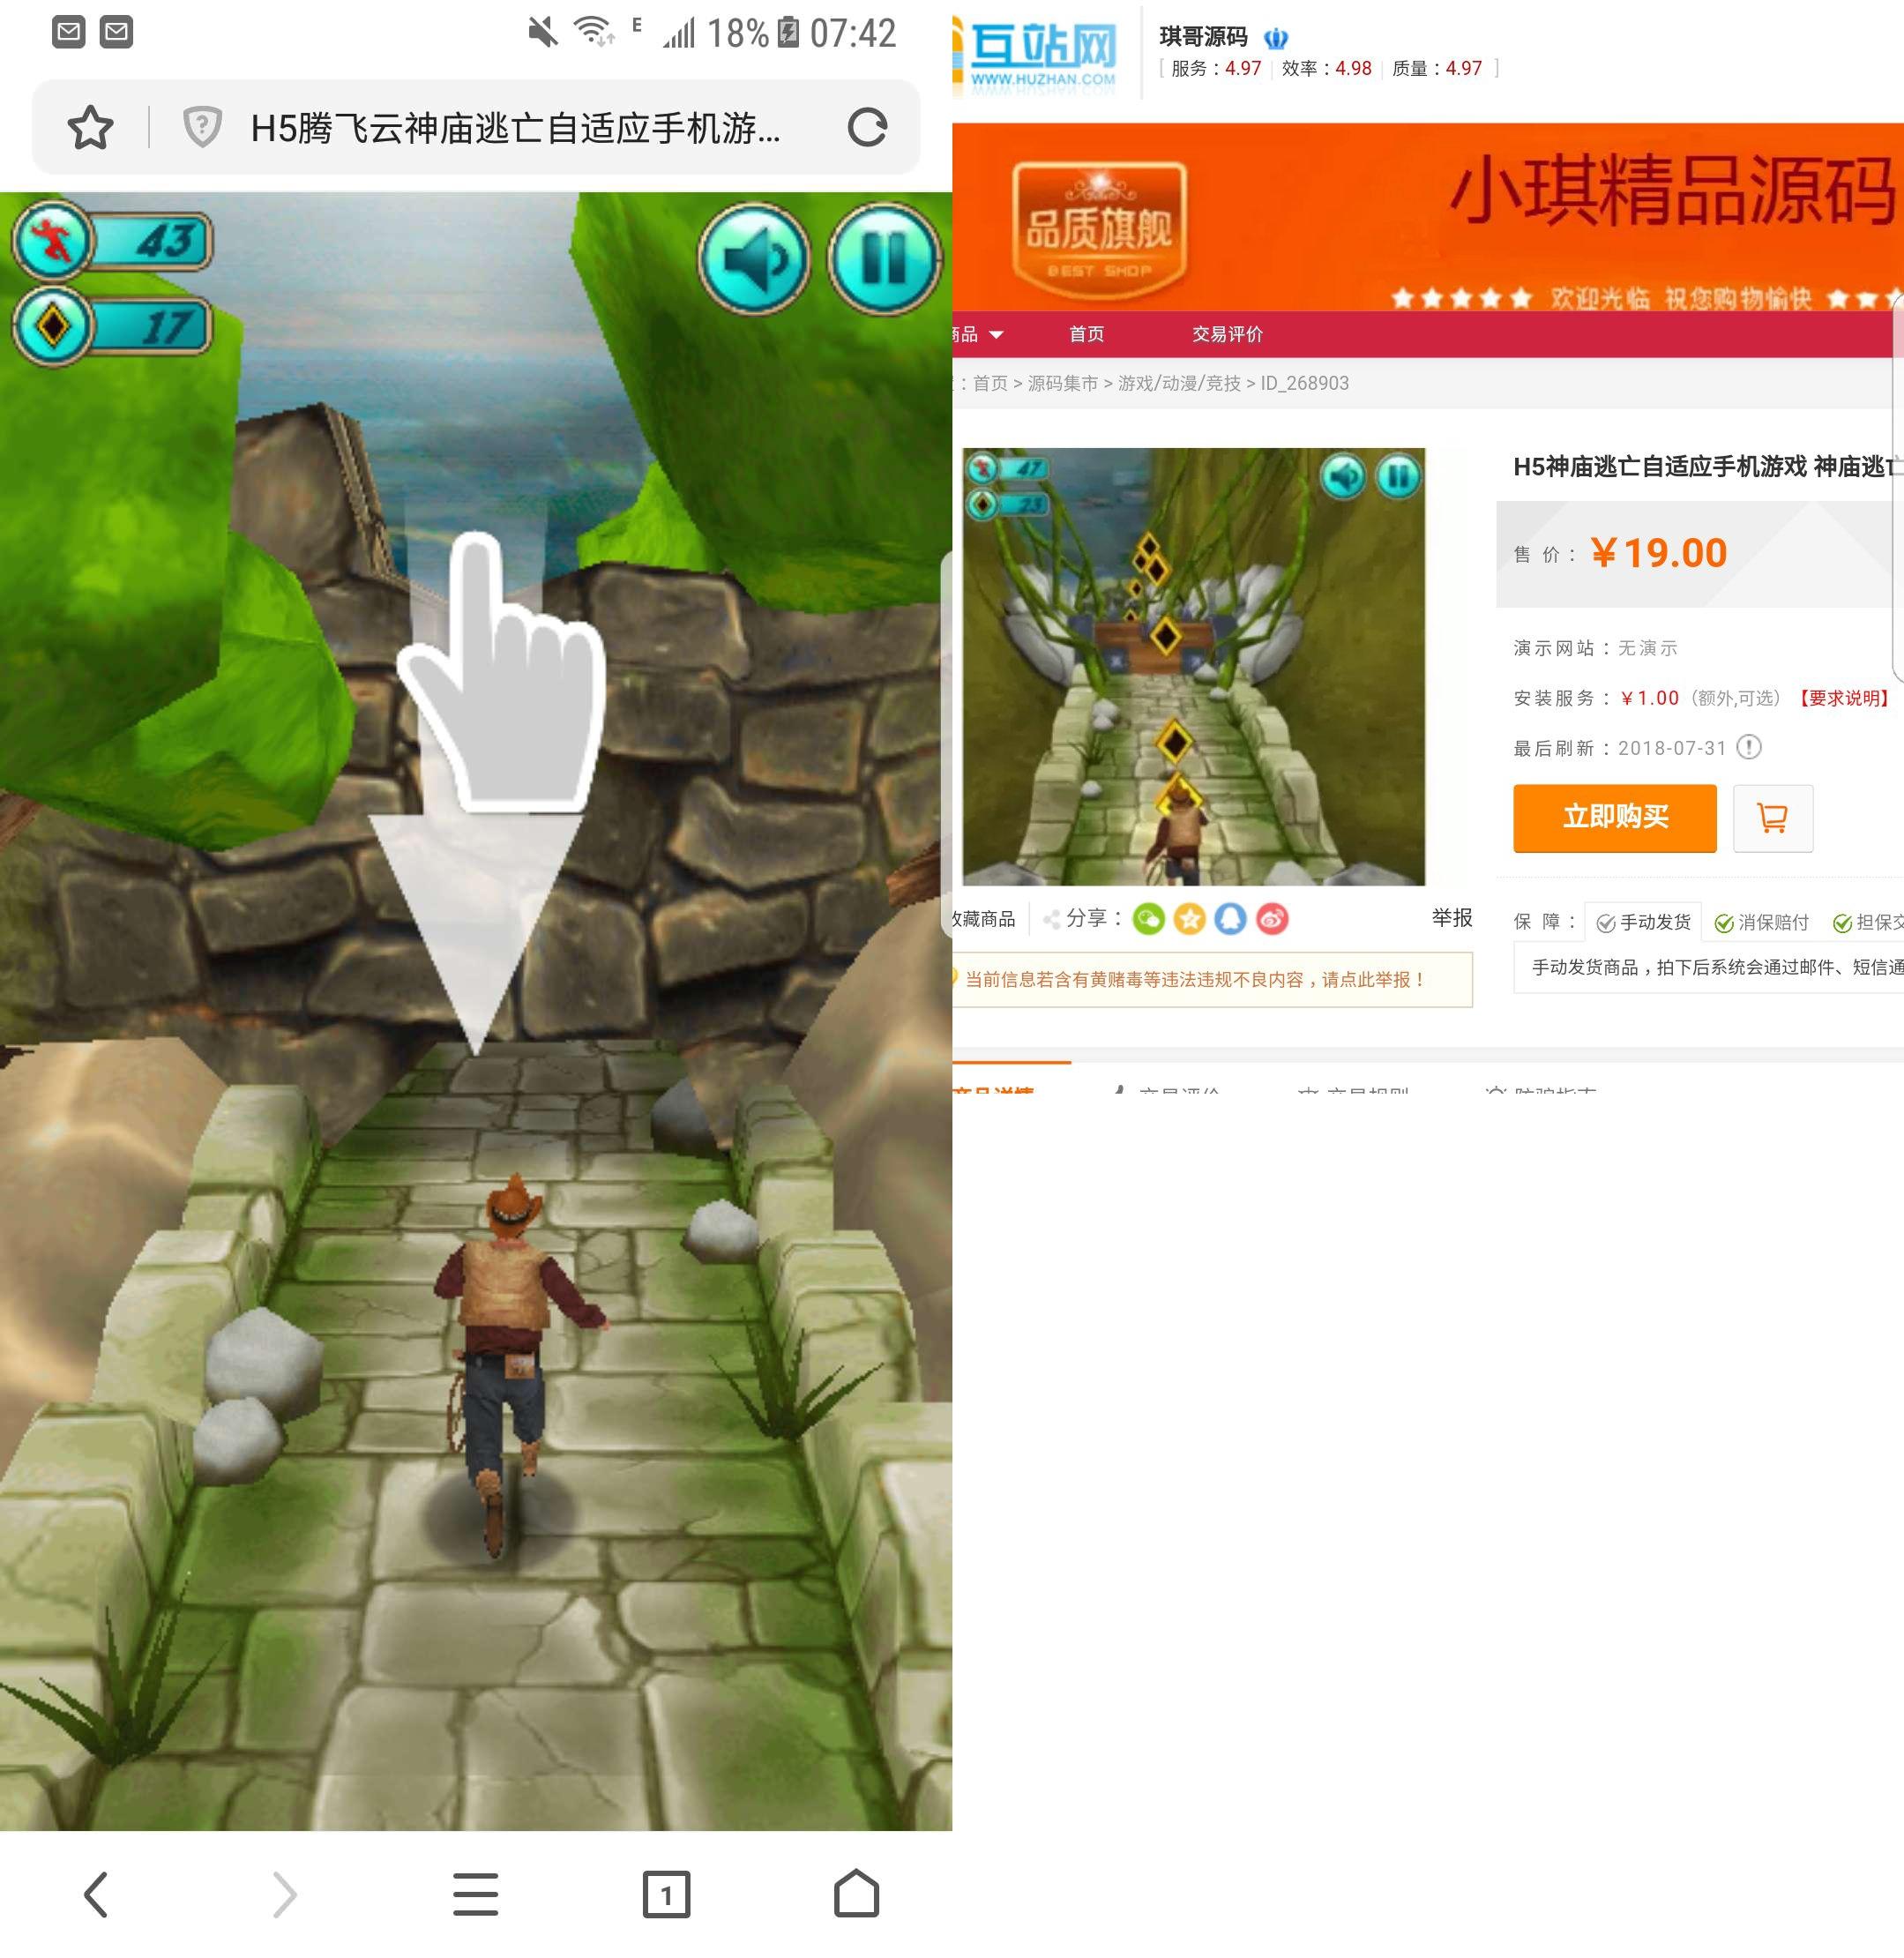 H5神庙逃亡自适应手机游戏源码